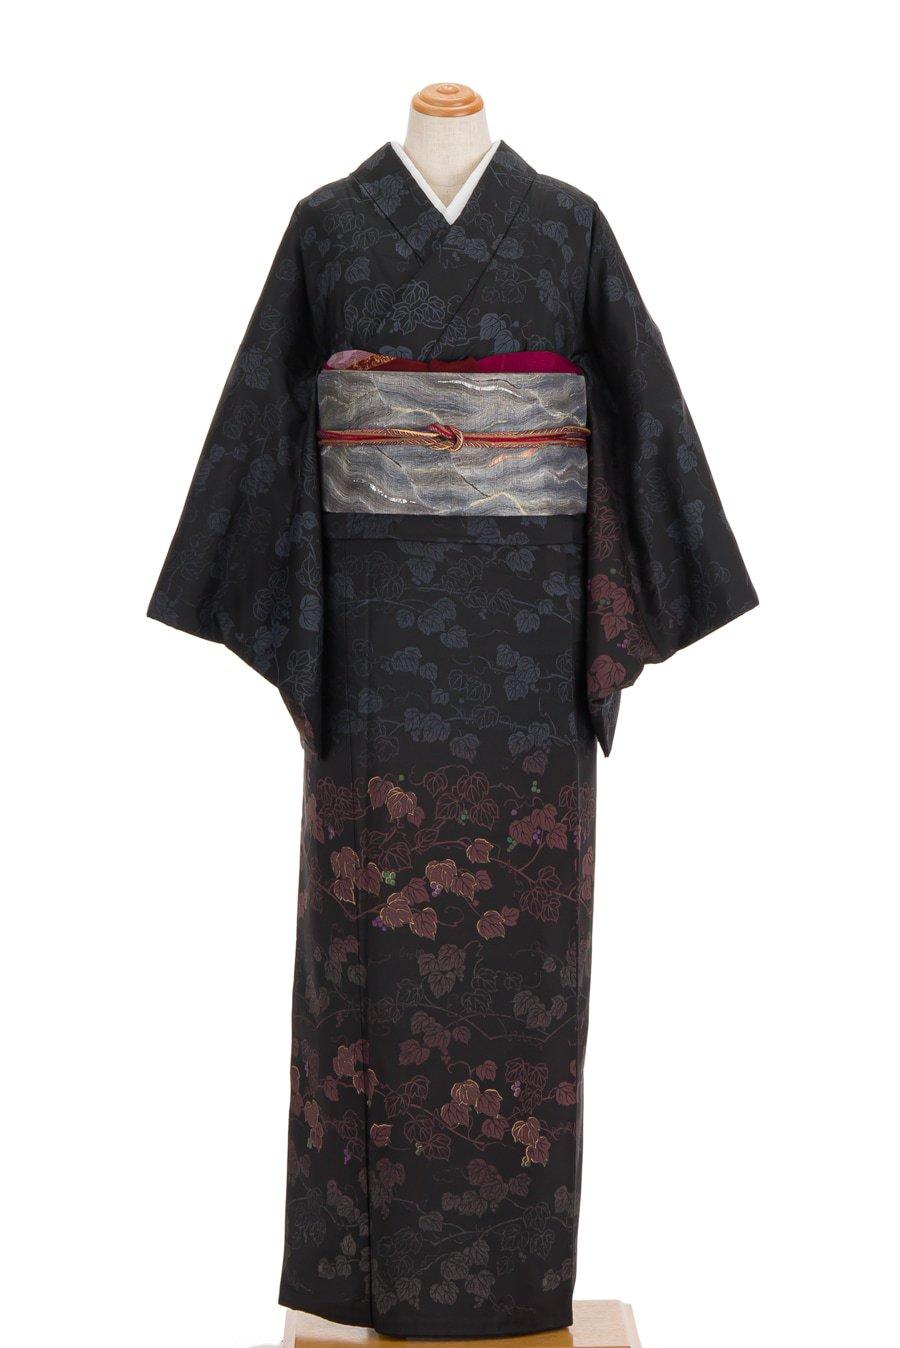 「大島紬訪問着 グラデーションカラーの葡萄」の商品画像